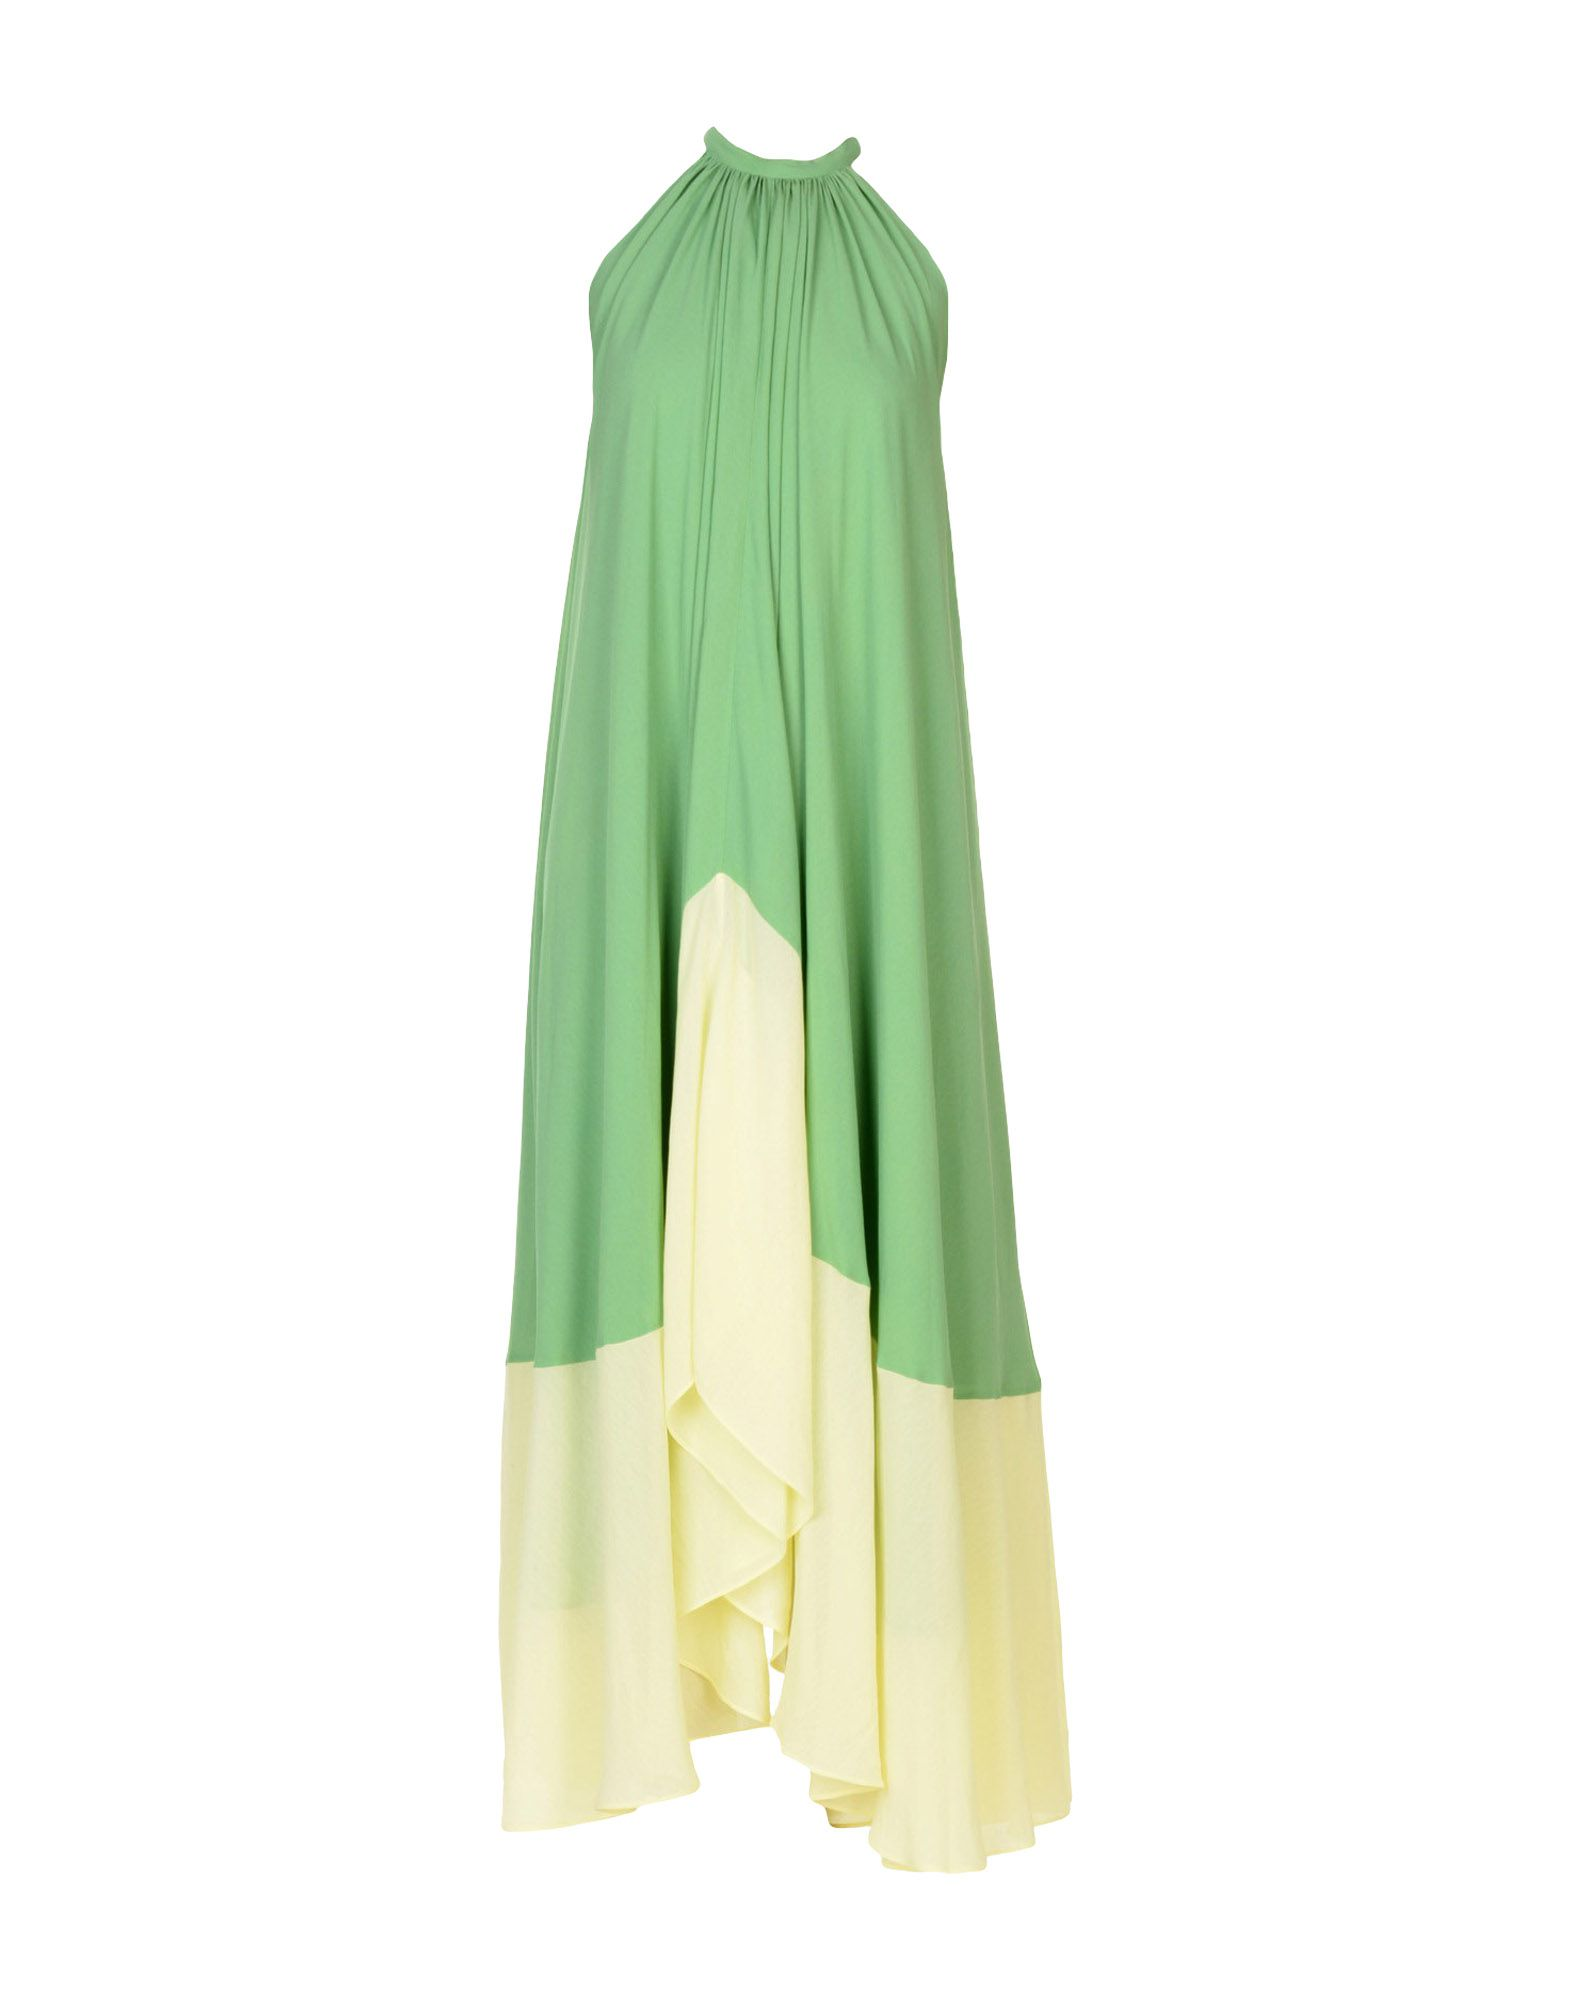 《送料無料》SALONI レディース ロングワンピース&ドレス グリーン 6 レーヨン 100%